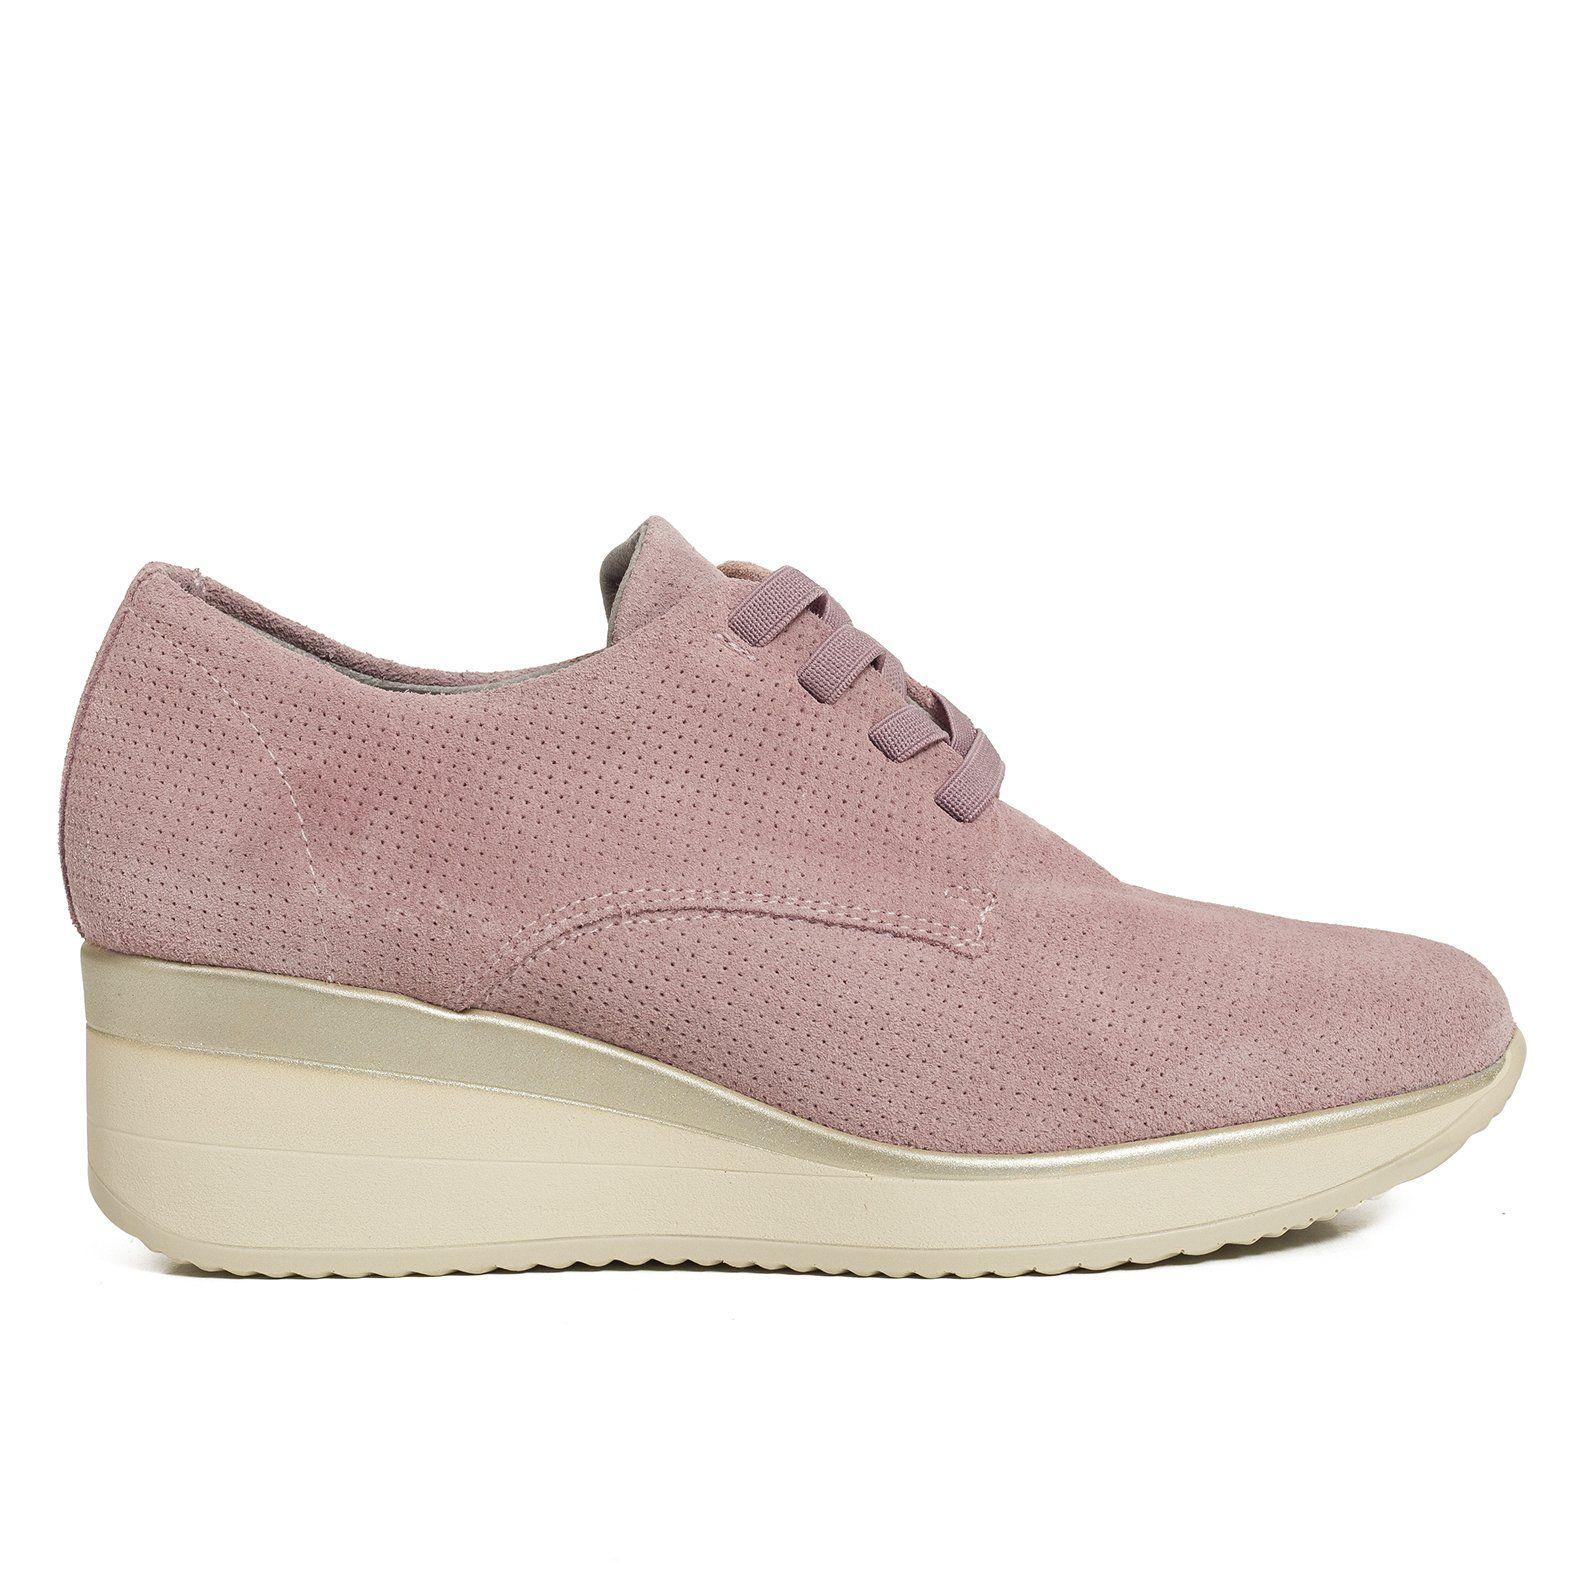 Zapatilla Sneaker mujer Rosa Memory Foam miMaO Confort